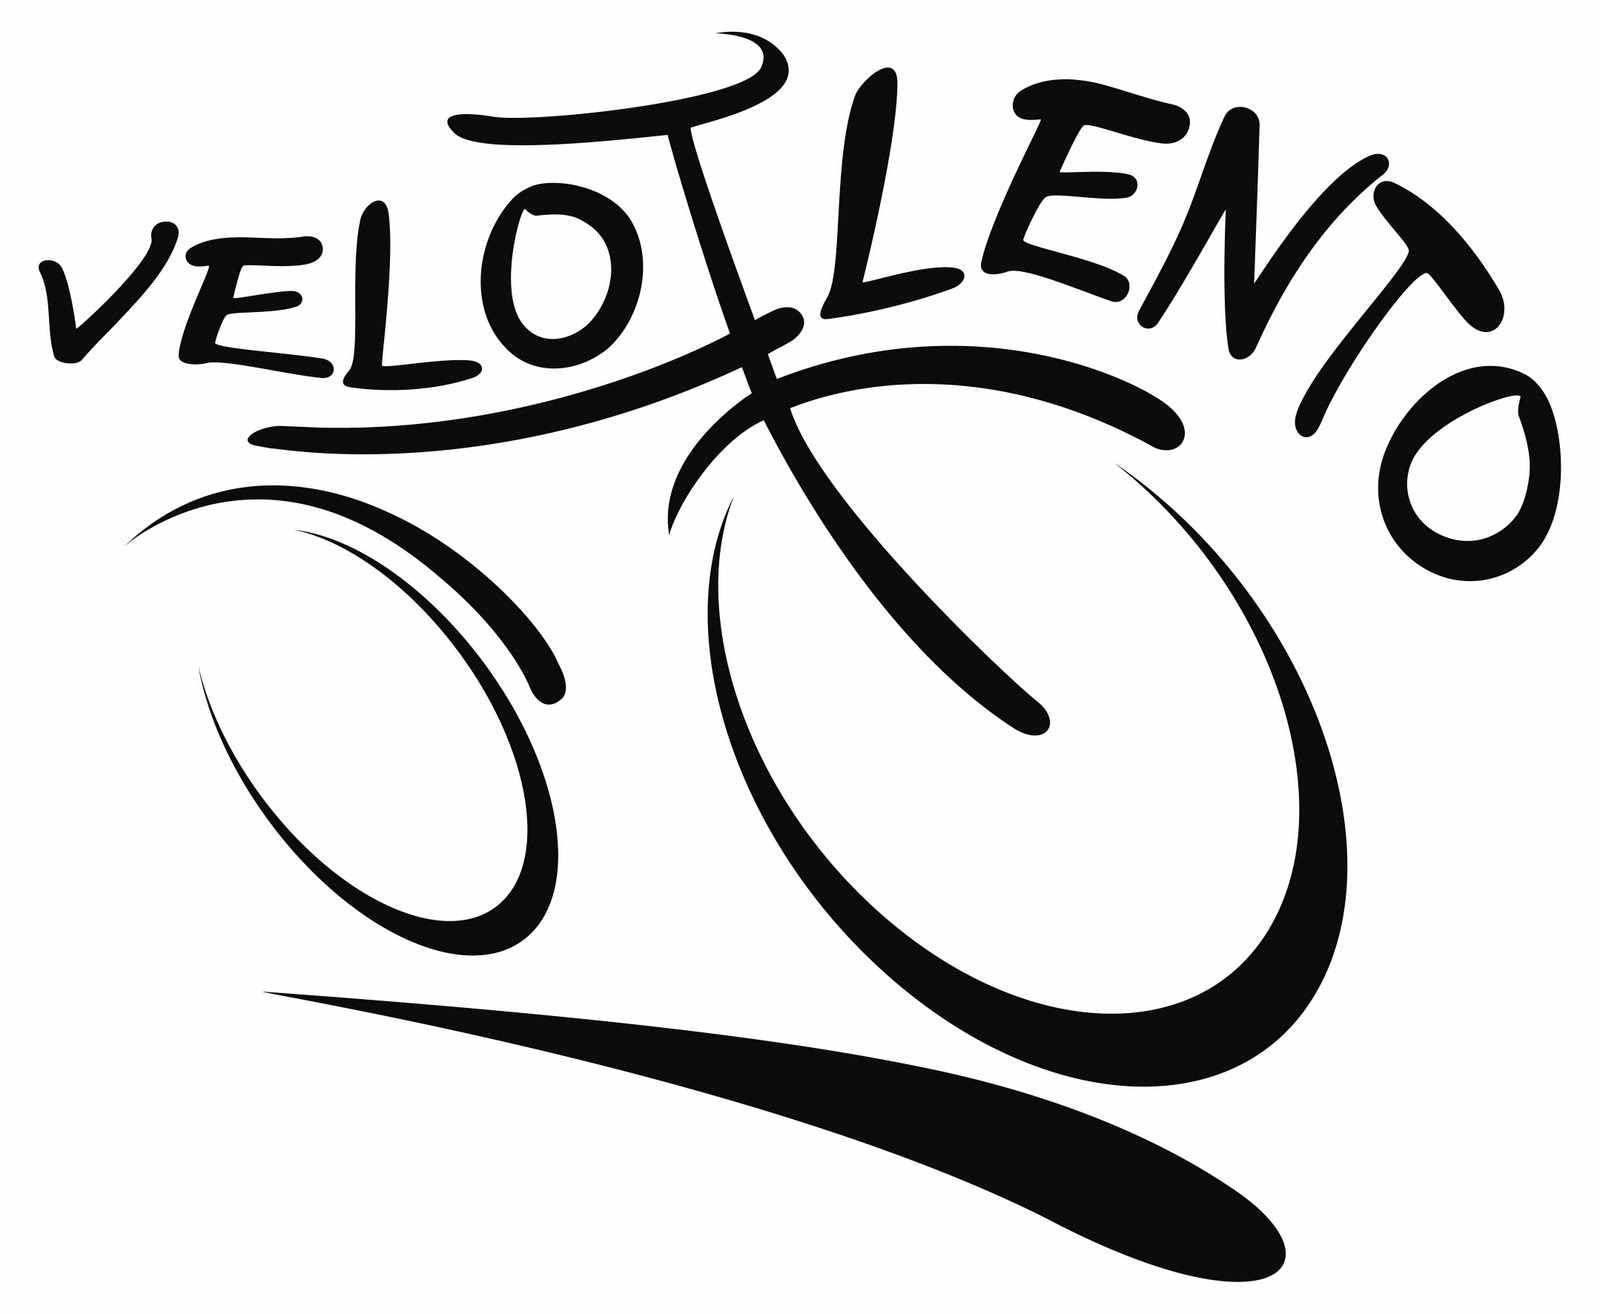 Il logo dell'associazione Velolento